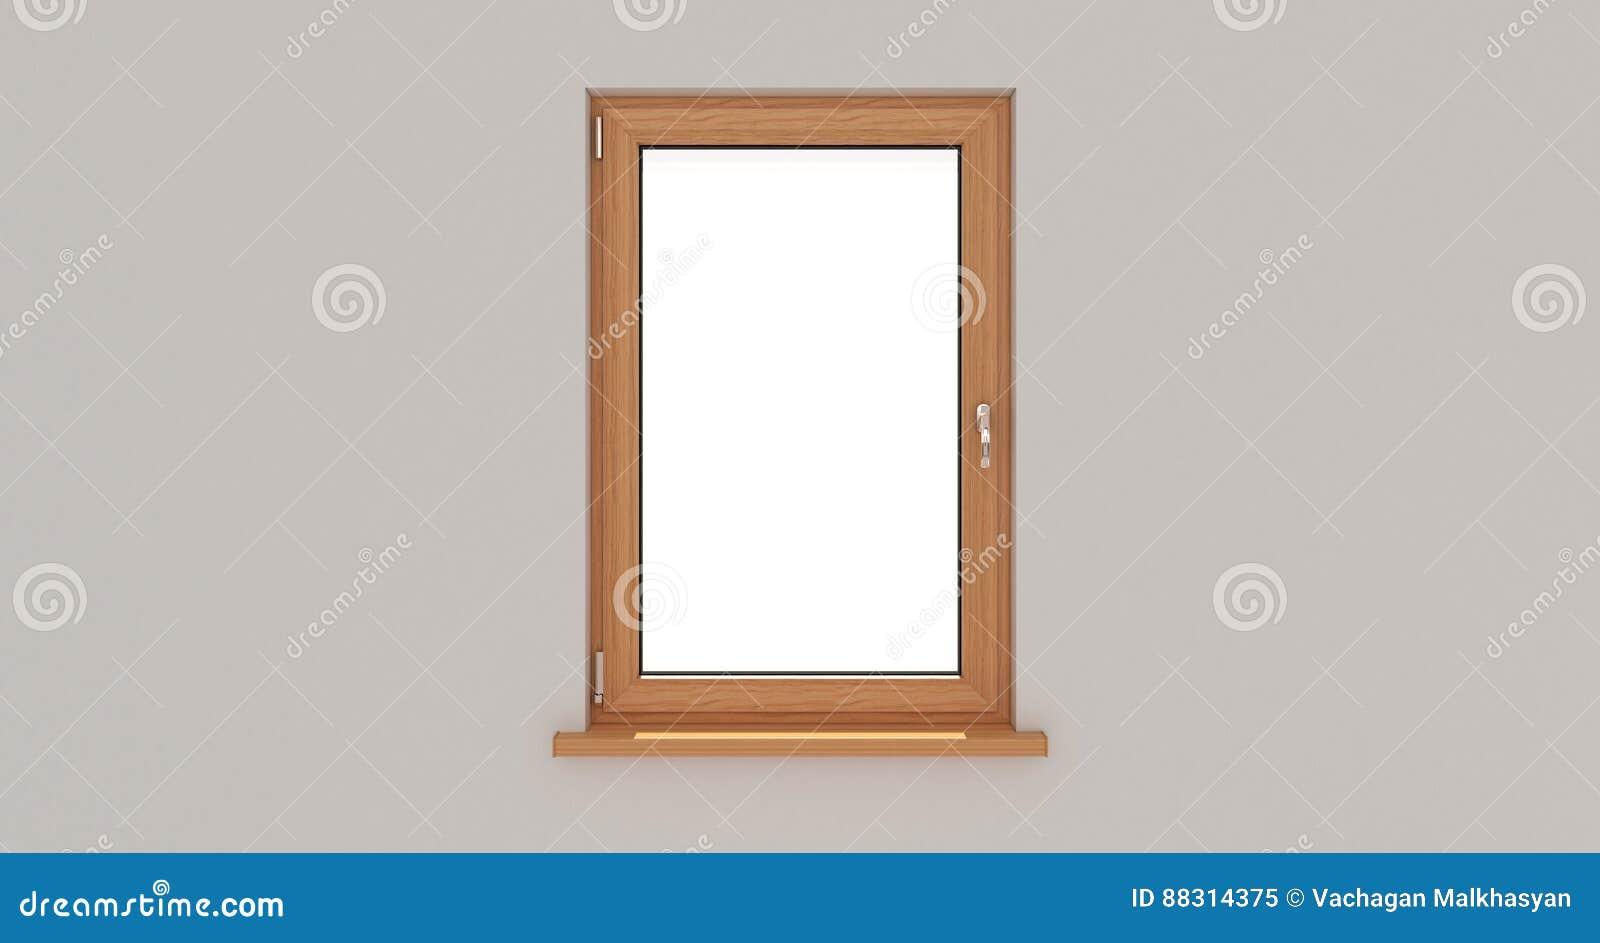 Window. White Wall. Window. Wooden Window. 3d. 3D Rende Stock ...